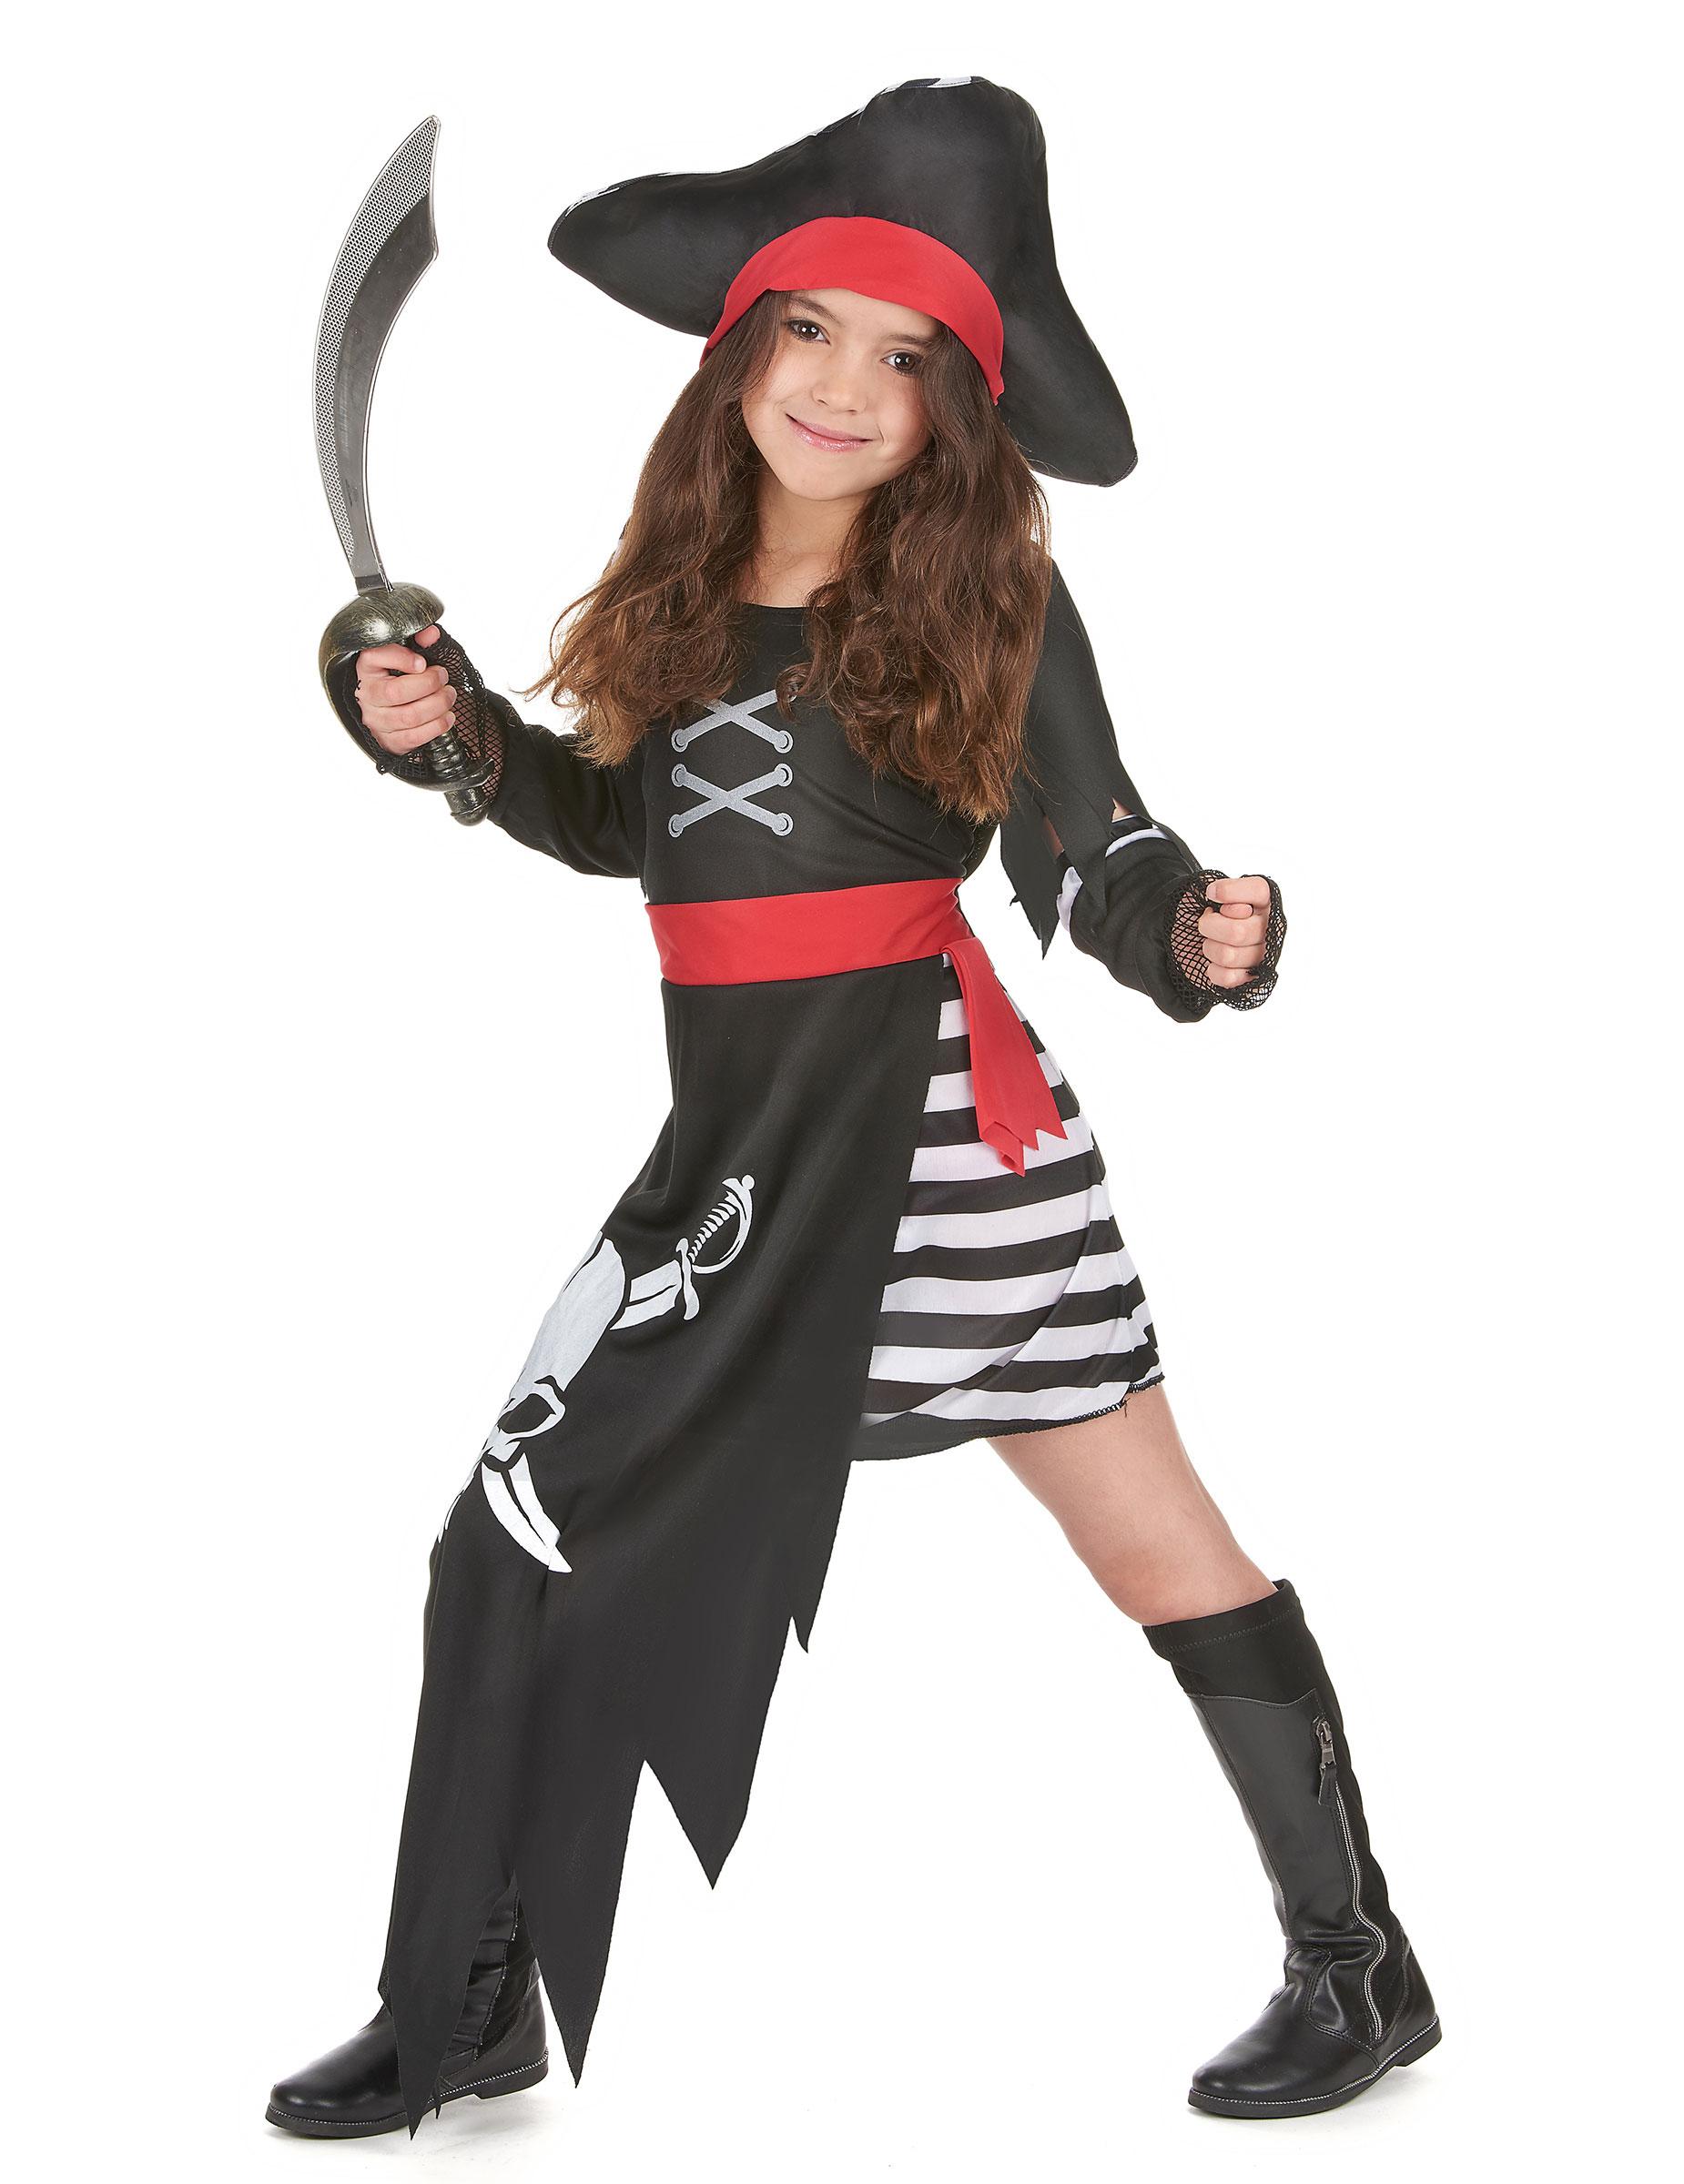 D guisement pirate fille petit prix d - Deguisement halloween enfant ...